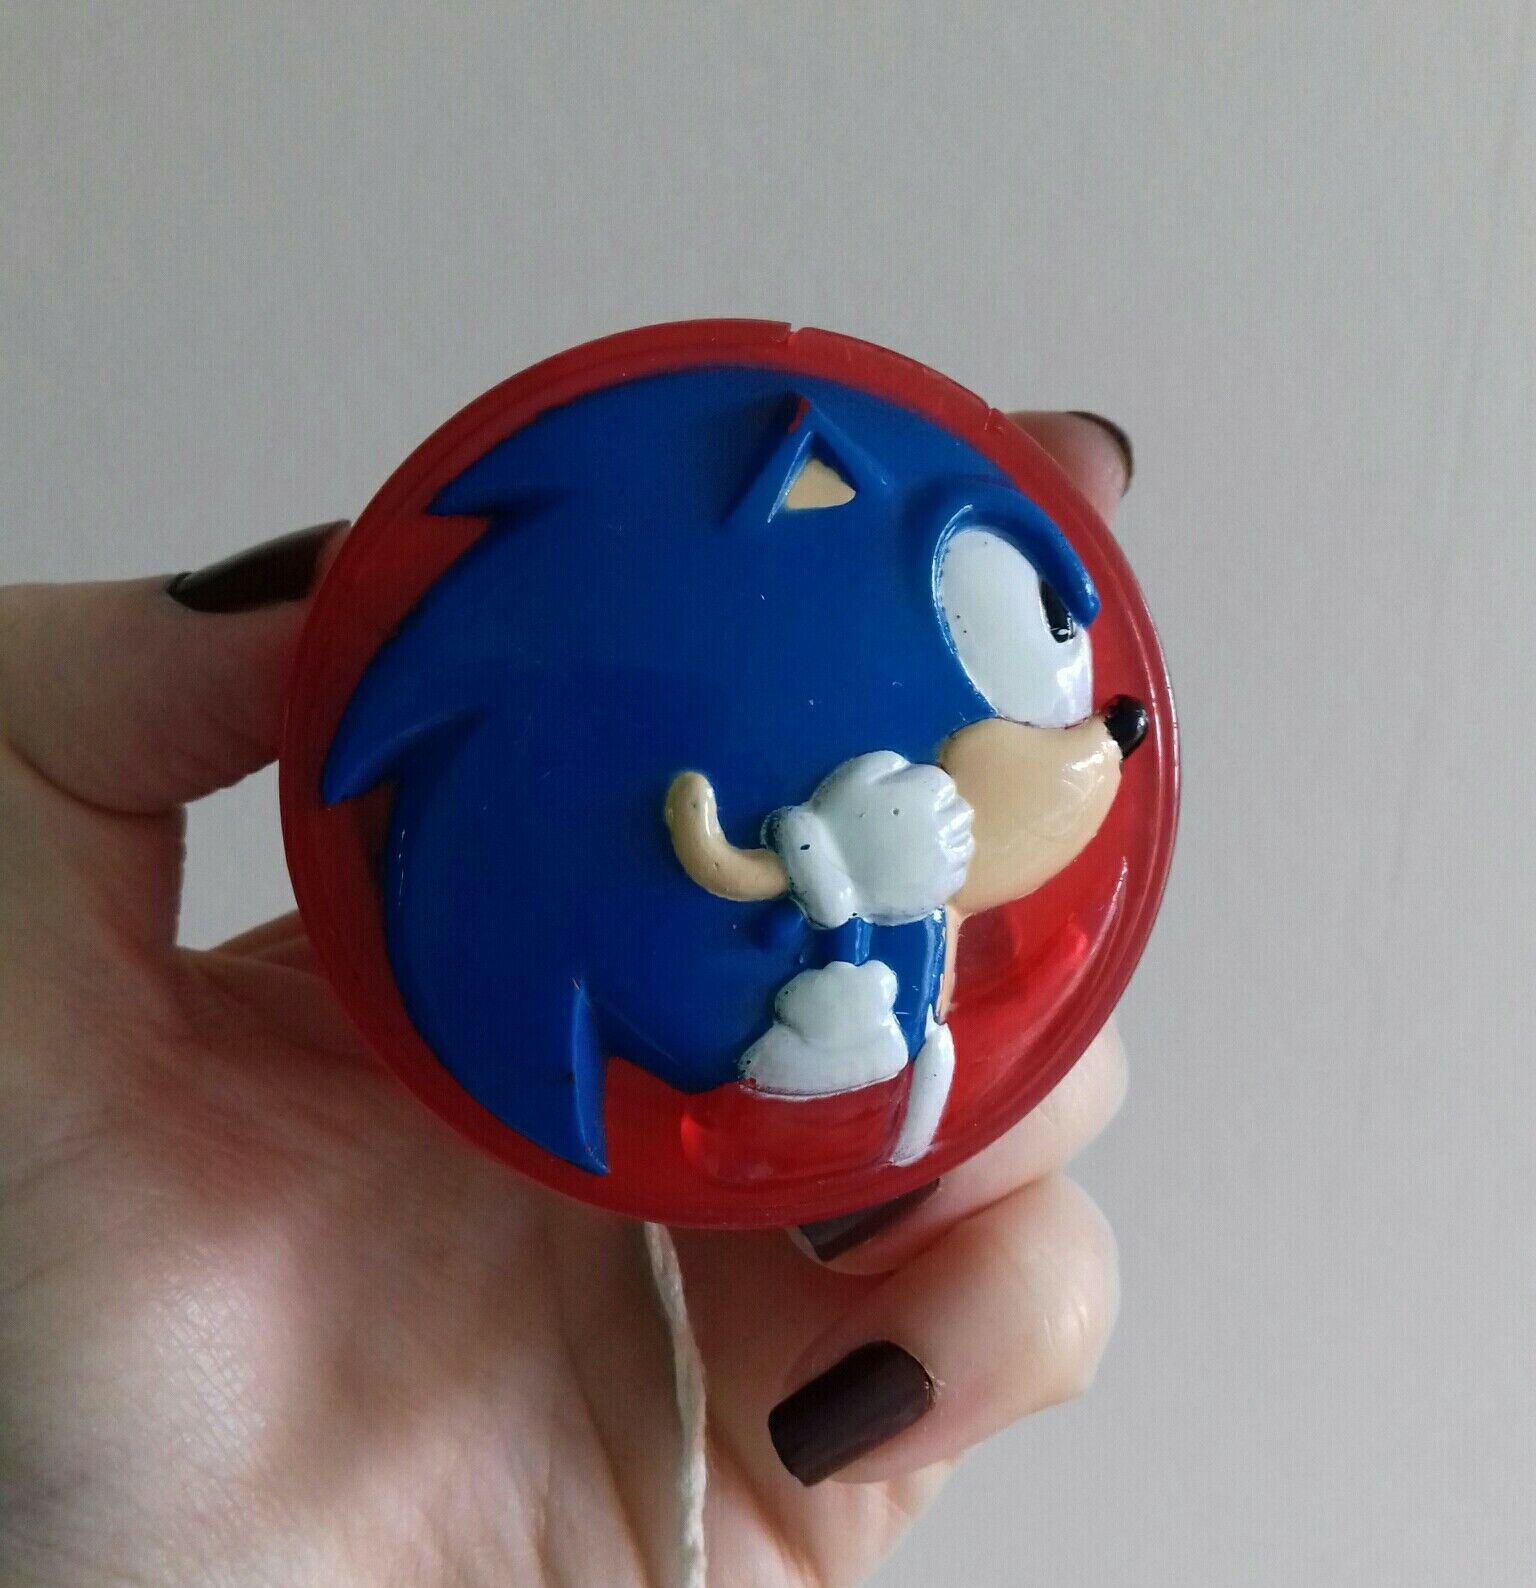 Rare 90s SEGA Sonic The Hedgehog Yo-Yo Yo-Yo (Collectors Item)